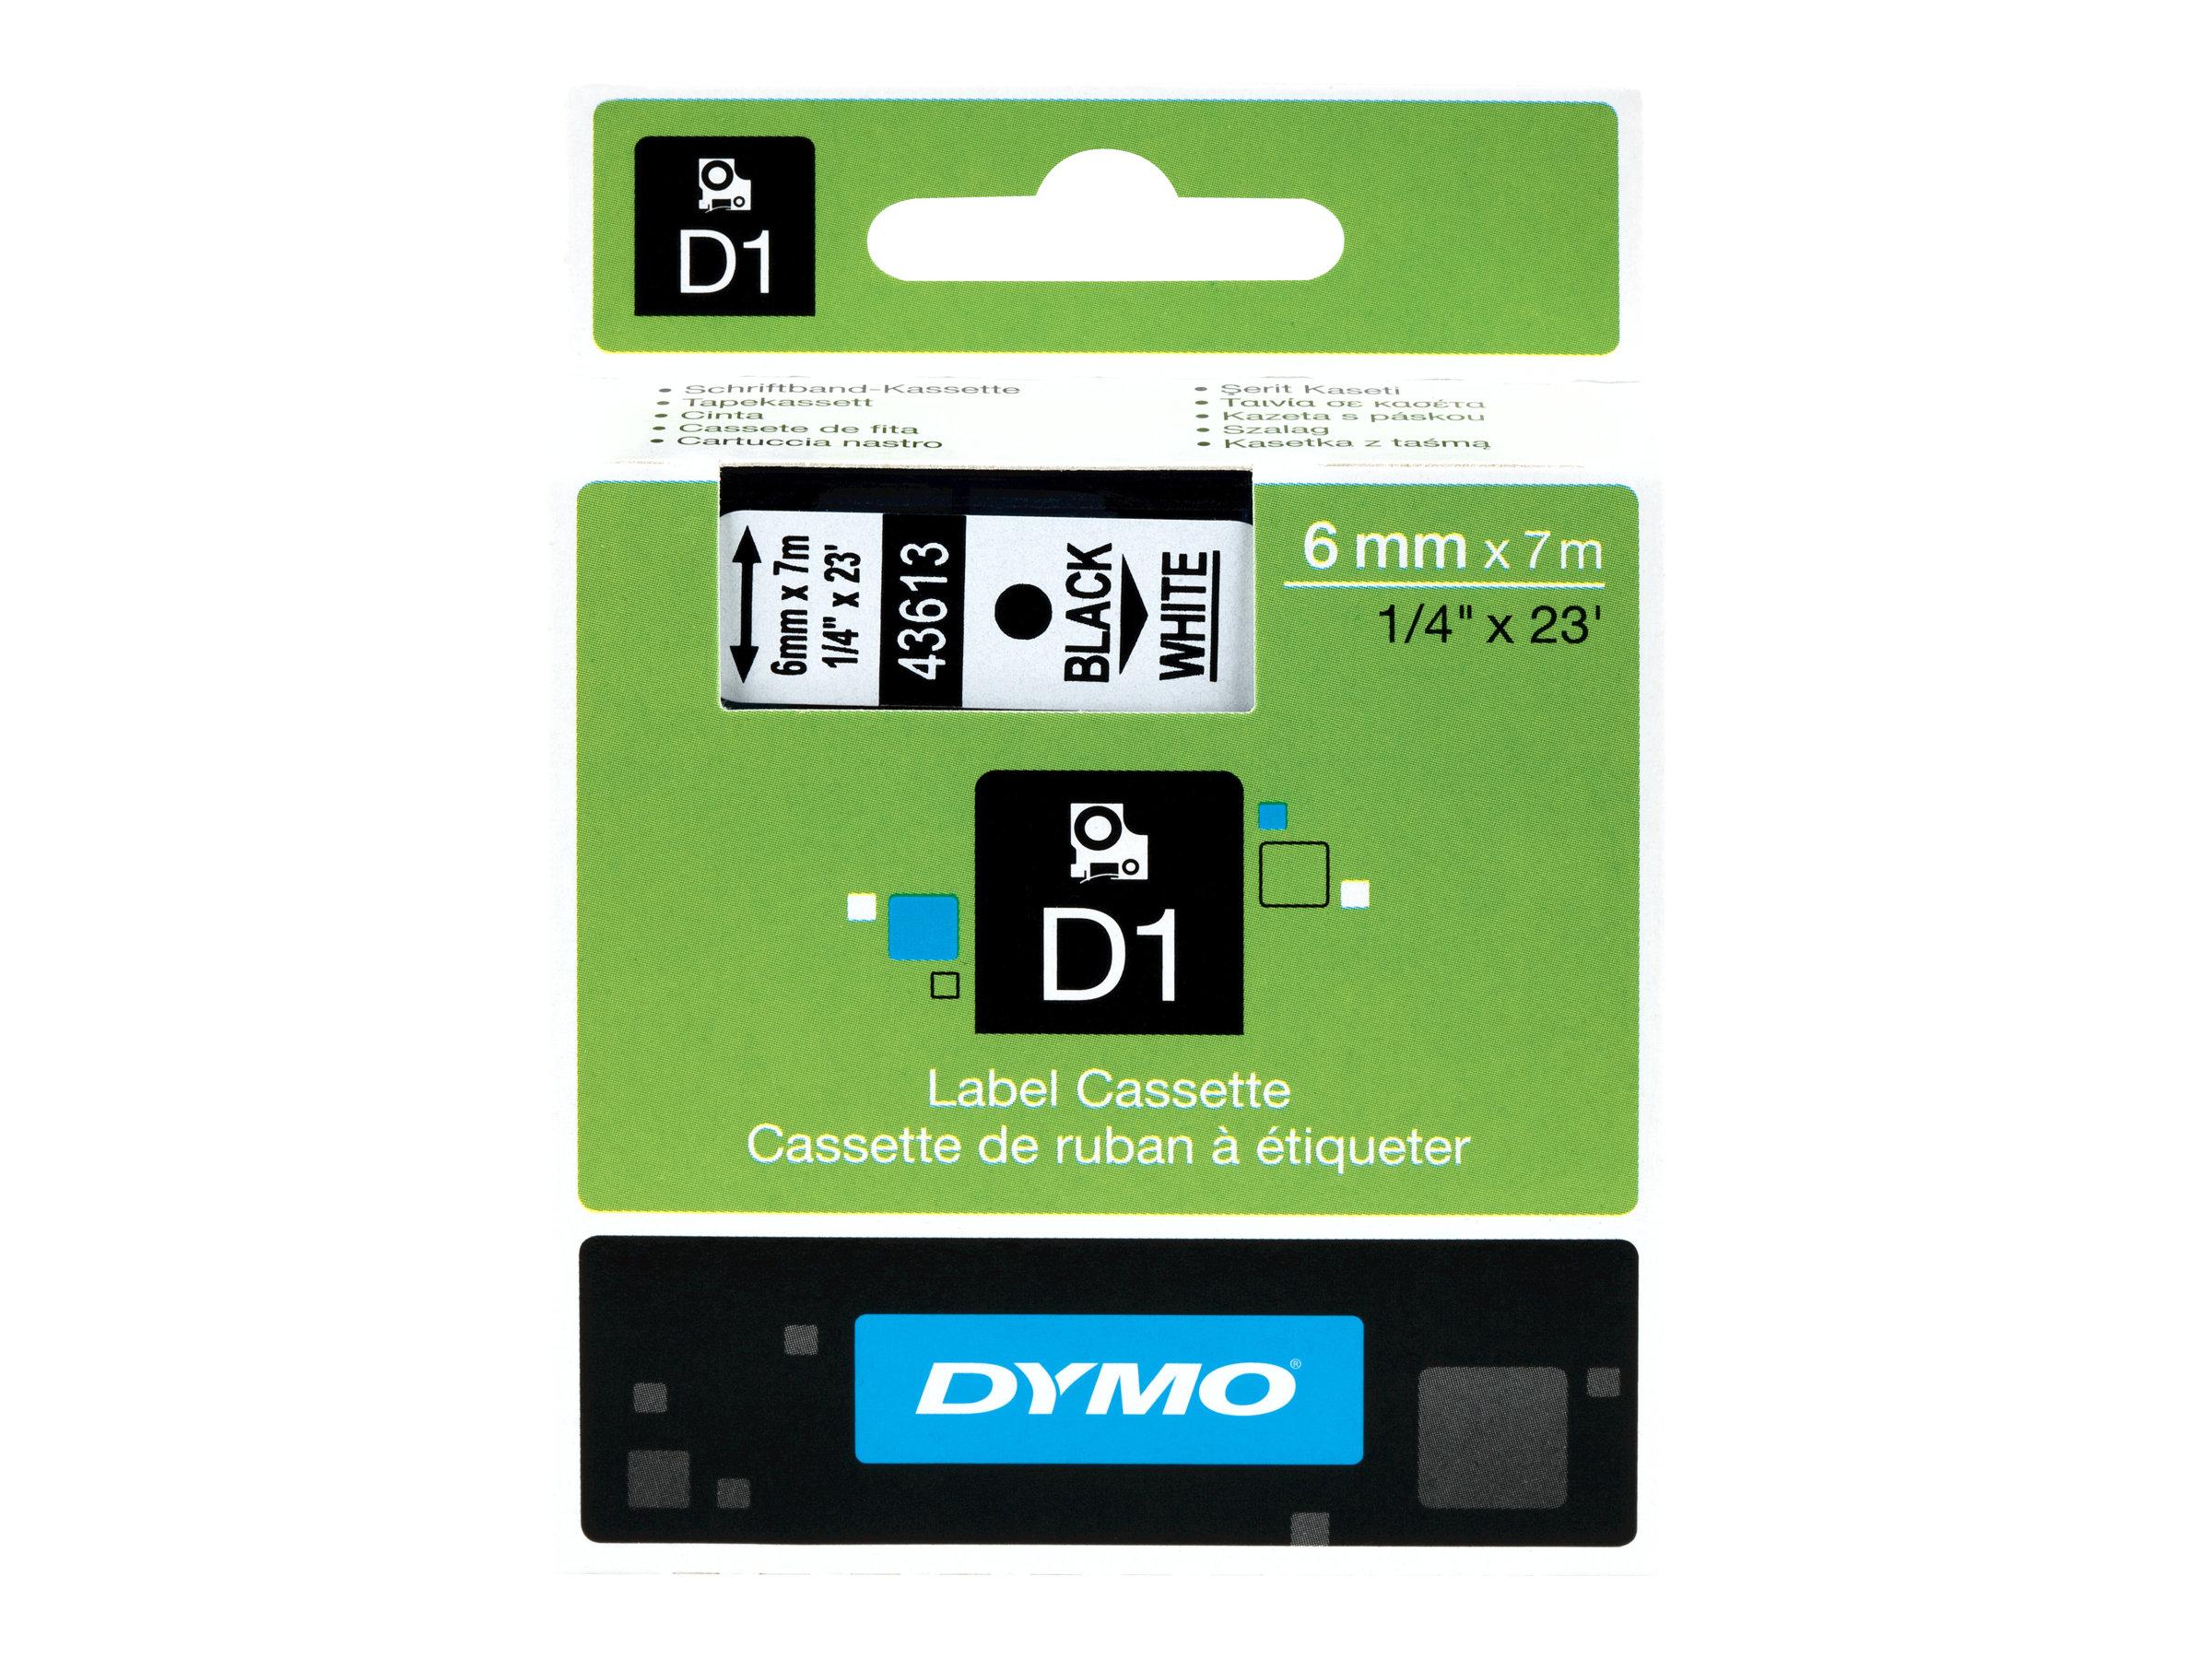 DYMO D1 - Polyester - selbstklebend - Schwarz auf Weiss - Rolle (0,6 cm x 7 m) 1 Rolle(n) Etikettenband - für LabelMANAGER 100,